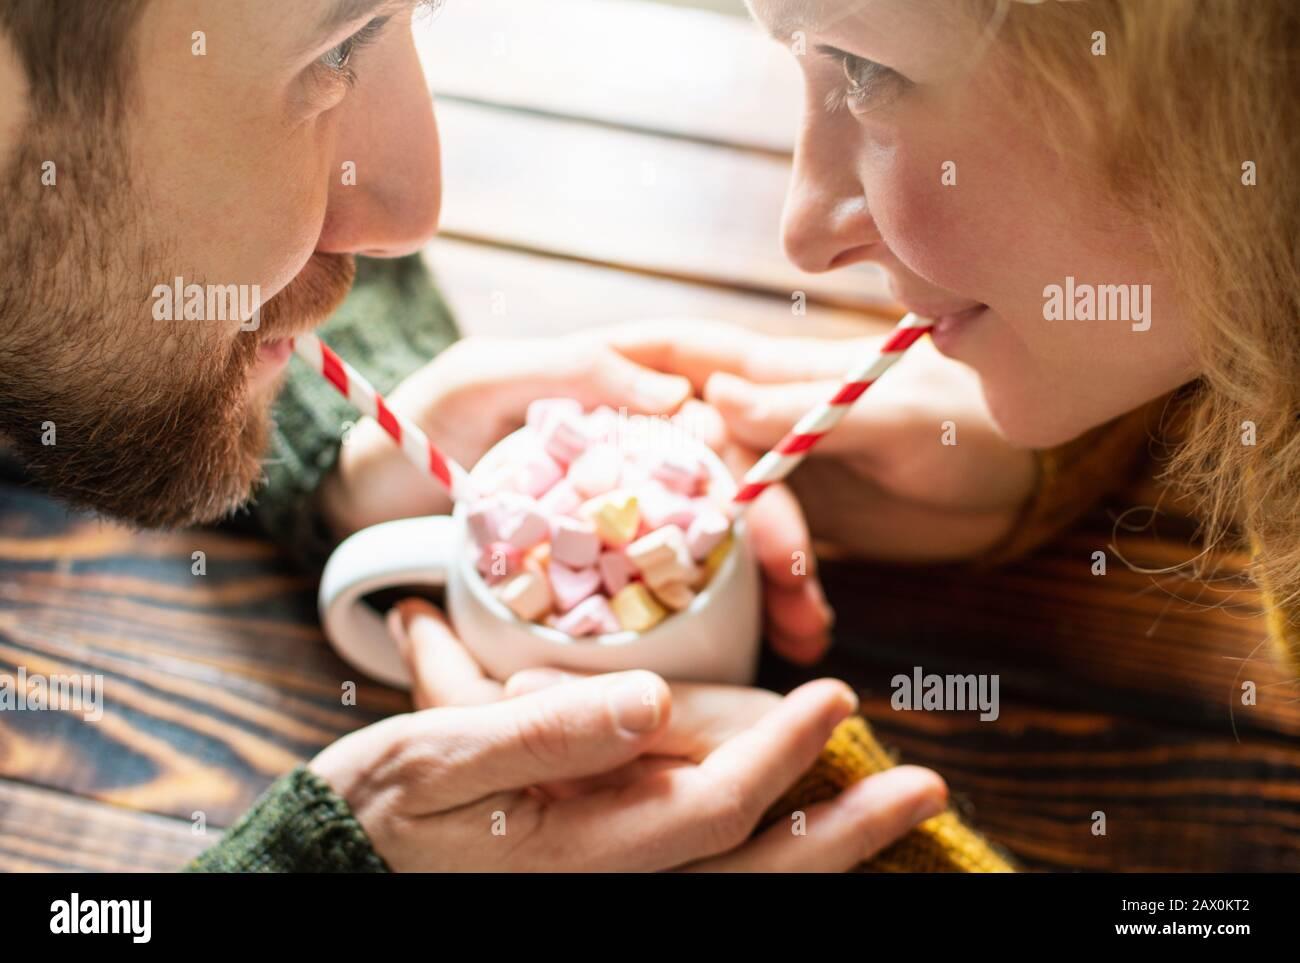 Giovane coppia bevendo cioccolata calda con marshmallows a forma di cuore usando cannucce da bere di carta. Data di San Valentino Foto Stock